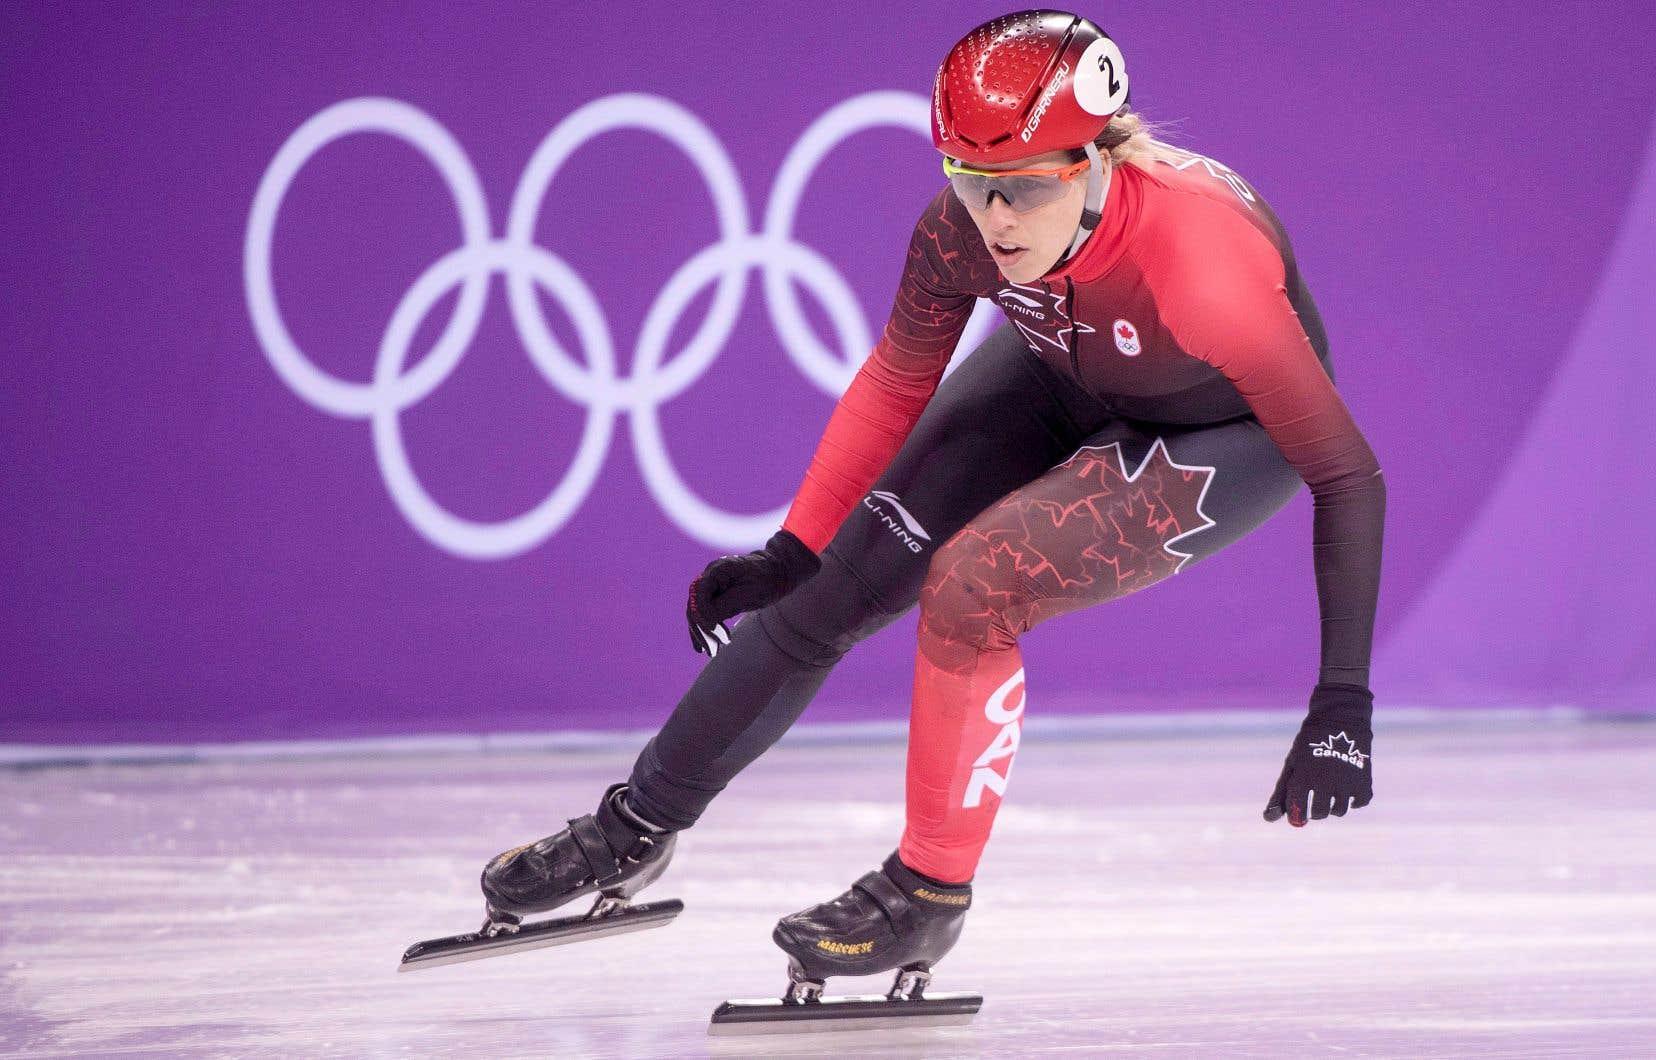 Marianne St-Gelais lors des Jeux olympiques d'hiver de PyeongChang en 2018